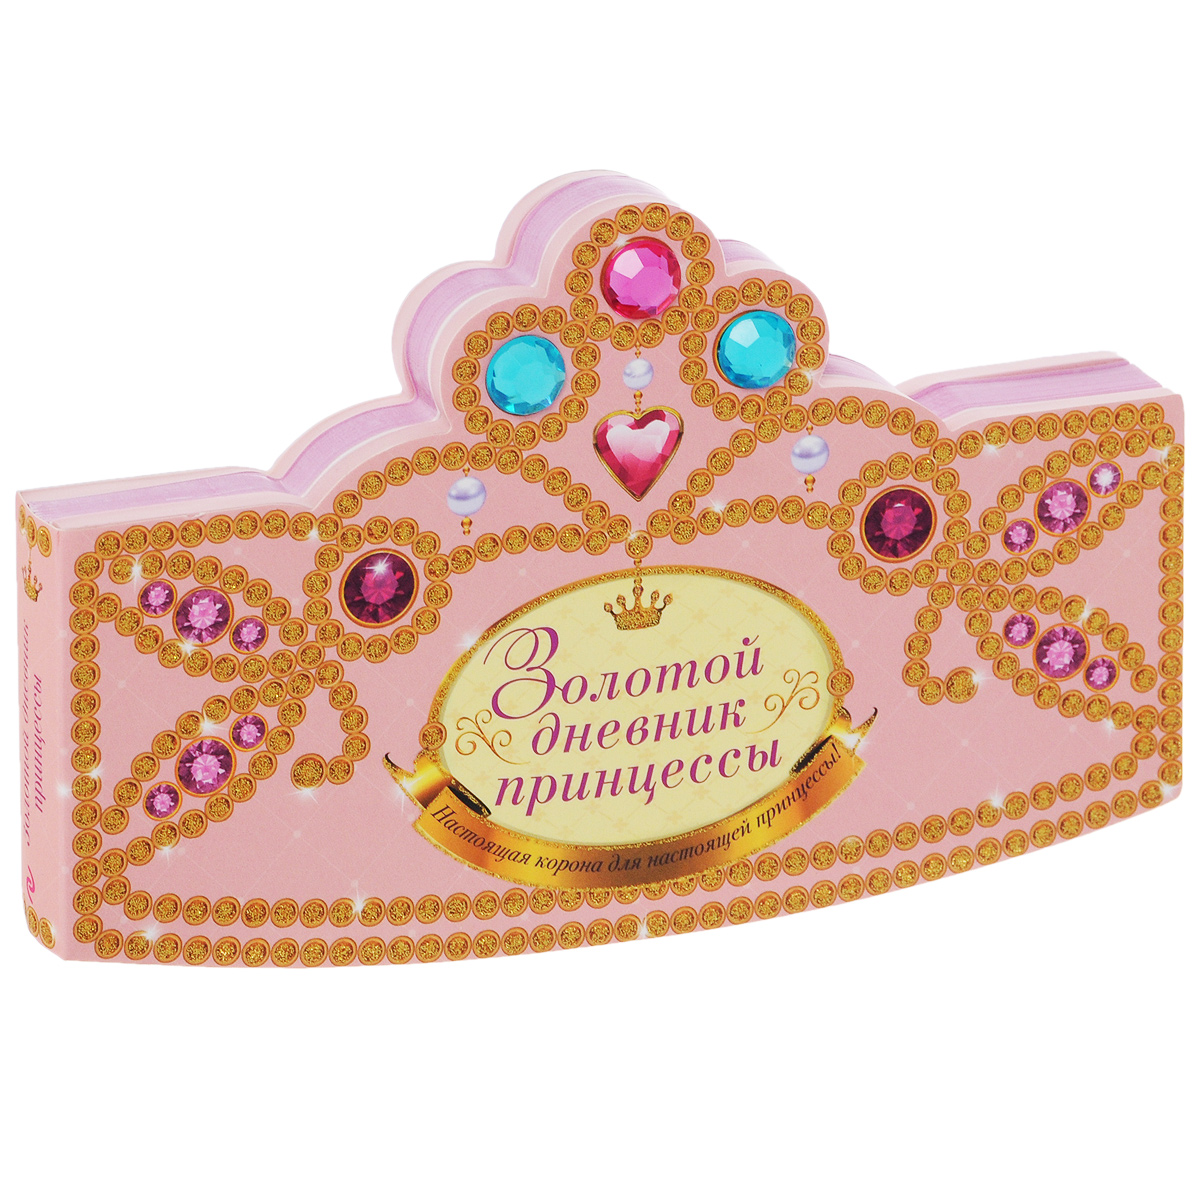 Золотой дневник принцессы как стать принцессой книга